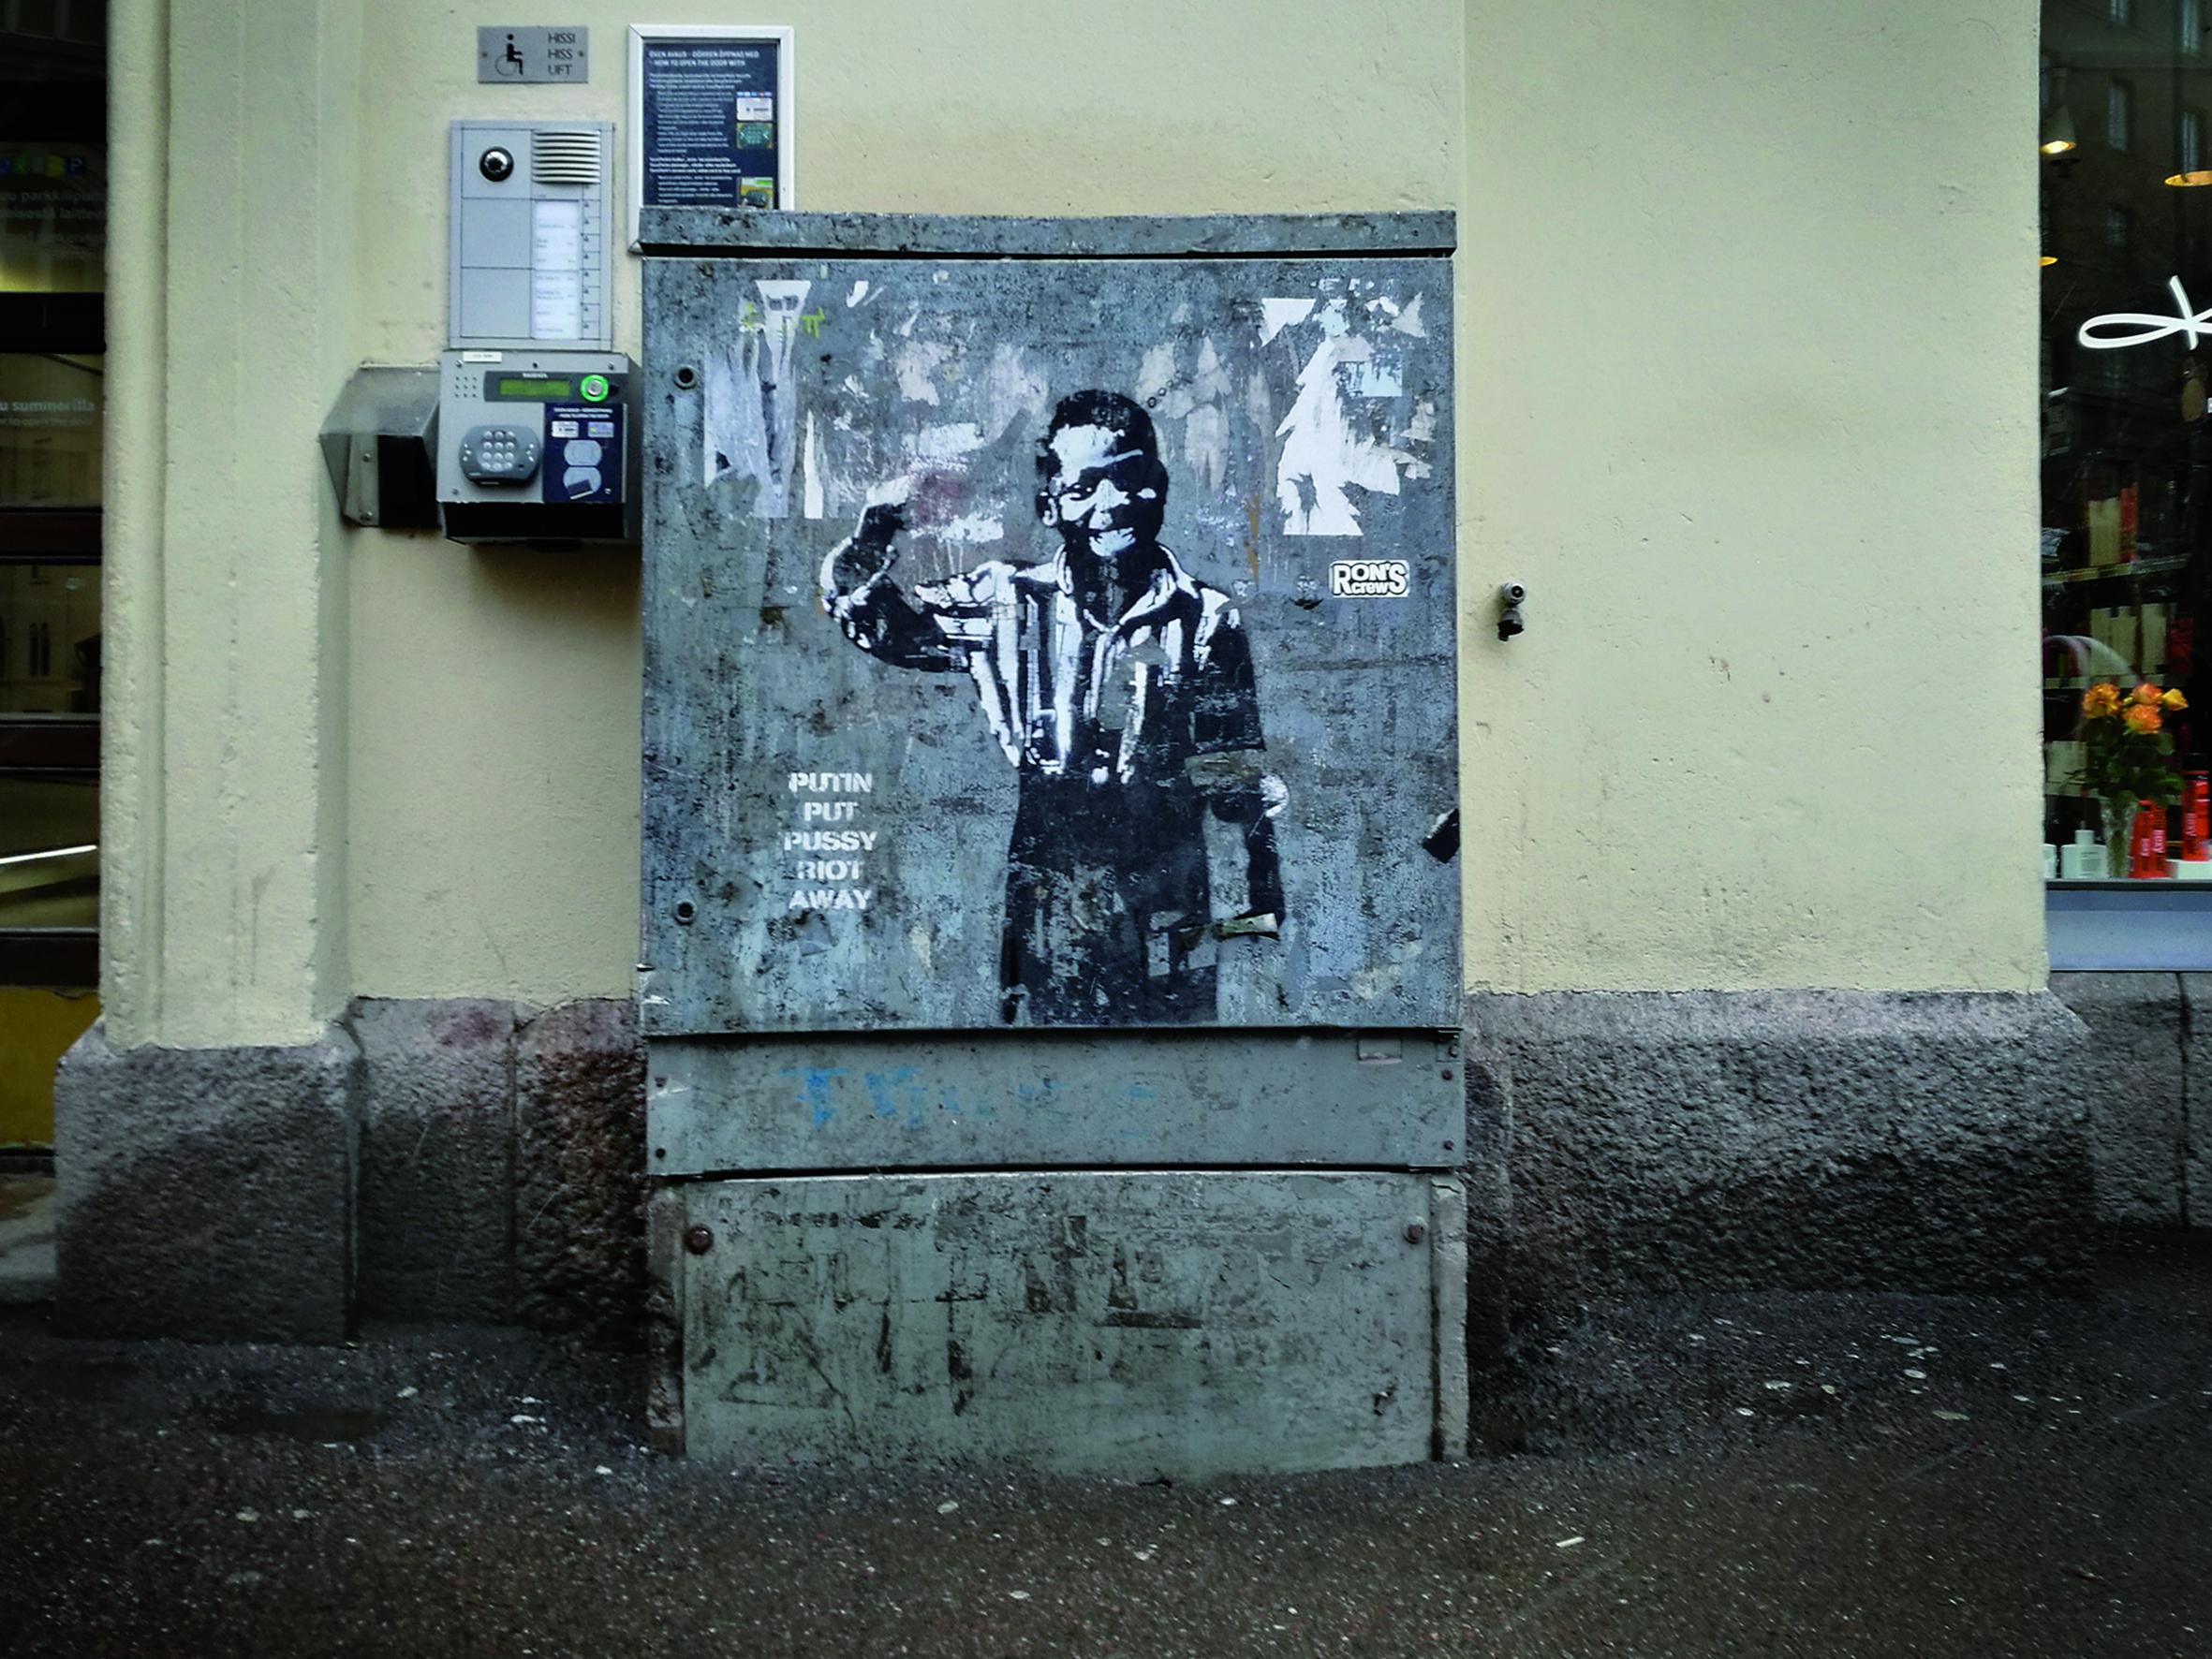 Sampsan Kid With Gun -teoksia levisi Helsinkiin runsain mitoin. Kuvan yhteydessä olevat tekstit vaihtelivat, kuvassa poika muistuttaa siitä, että Putin pisti Pussy Riotin poseen. Välillä huomion kiintopisteenä oli taidepolitiikka ja välillä työttömyys. Kommentoituaan Egyptin tulevaa presidenttiä, kenraali el-Sisiä Sampsa julistettiin terroristiksi Egyptissä.